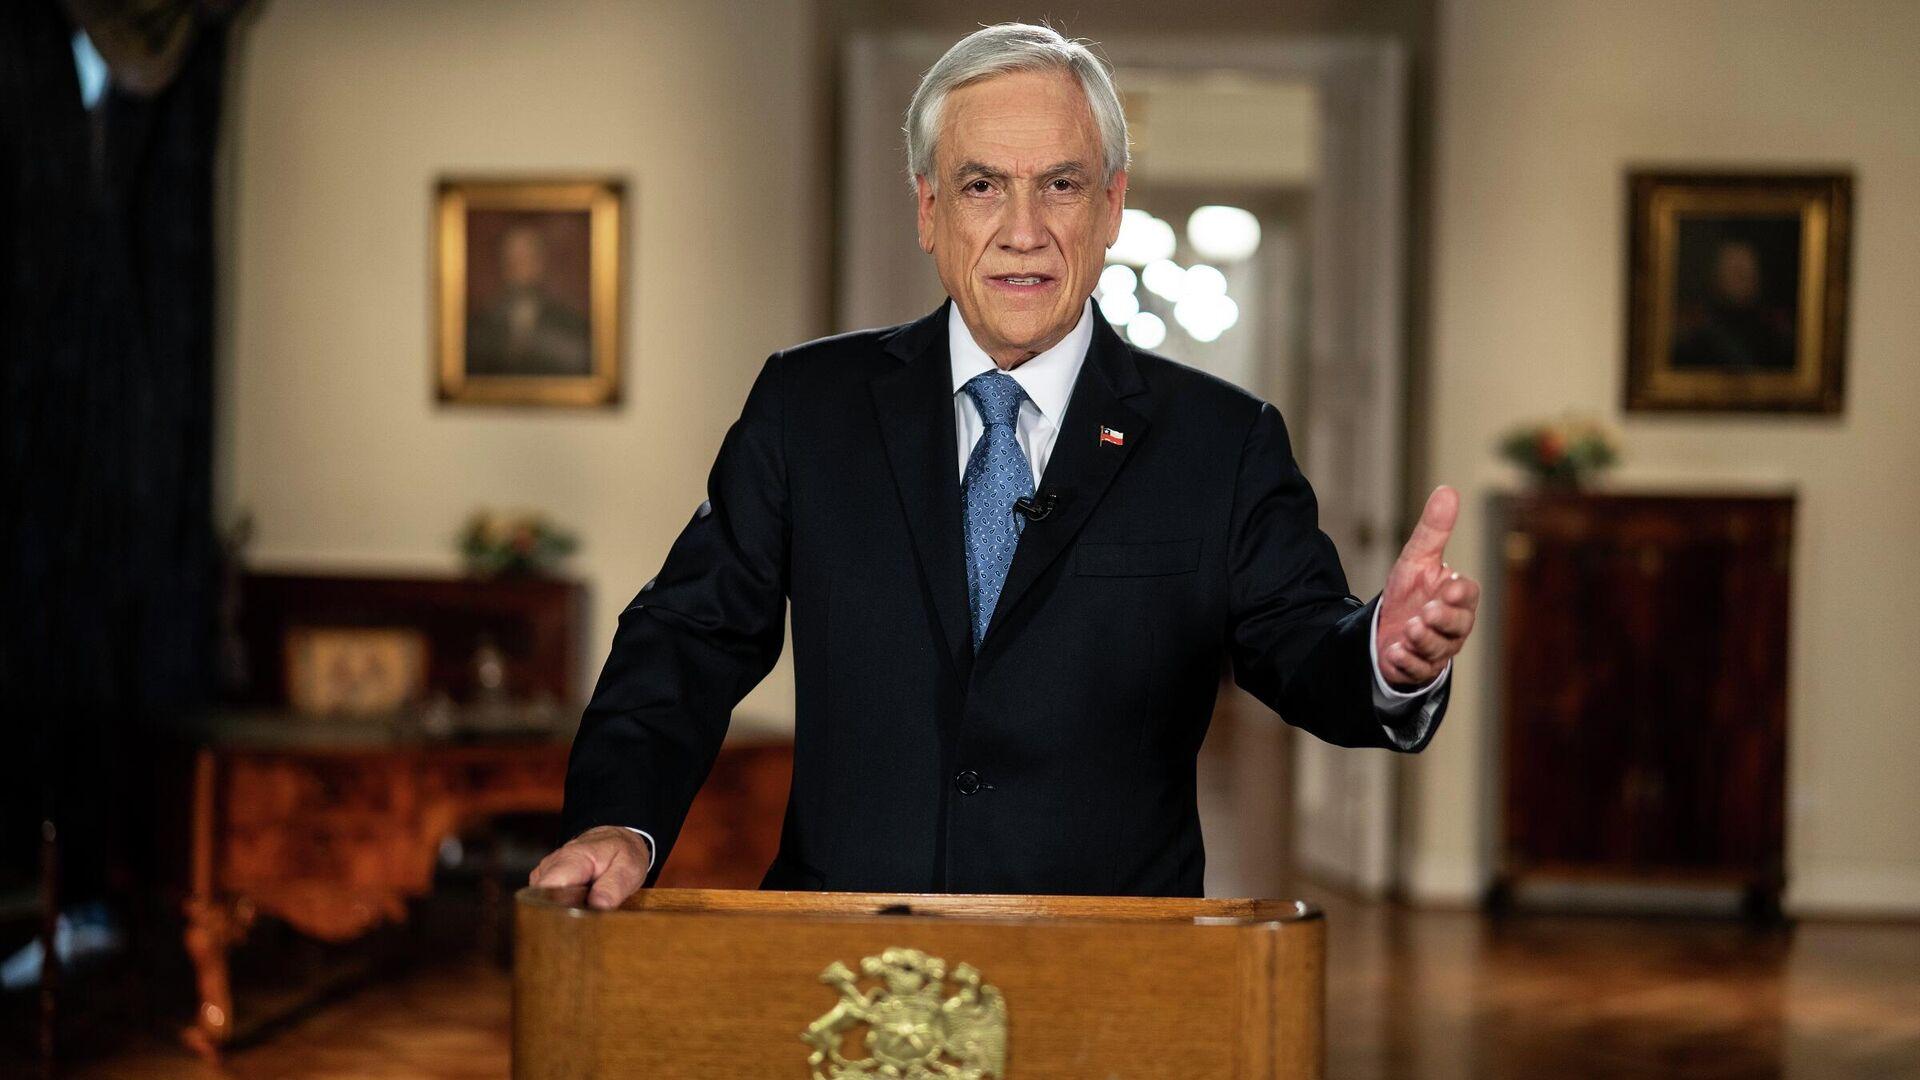 El presidente chileno, Sebastián Piñera, anuncia la mejora de sistema de pensiones en cadena nacional - Sputnik Mundo, 1920, 11.03.2021